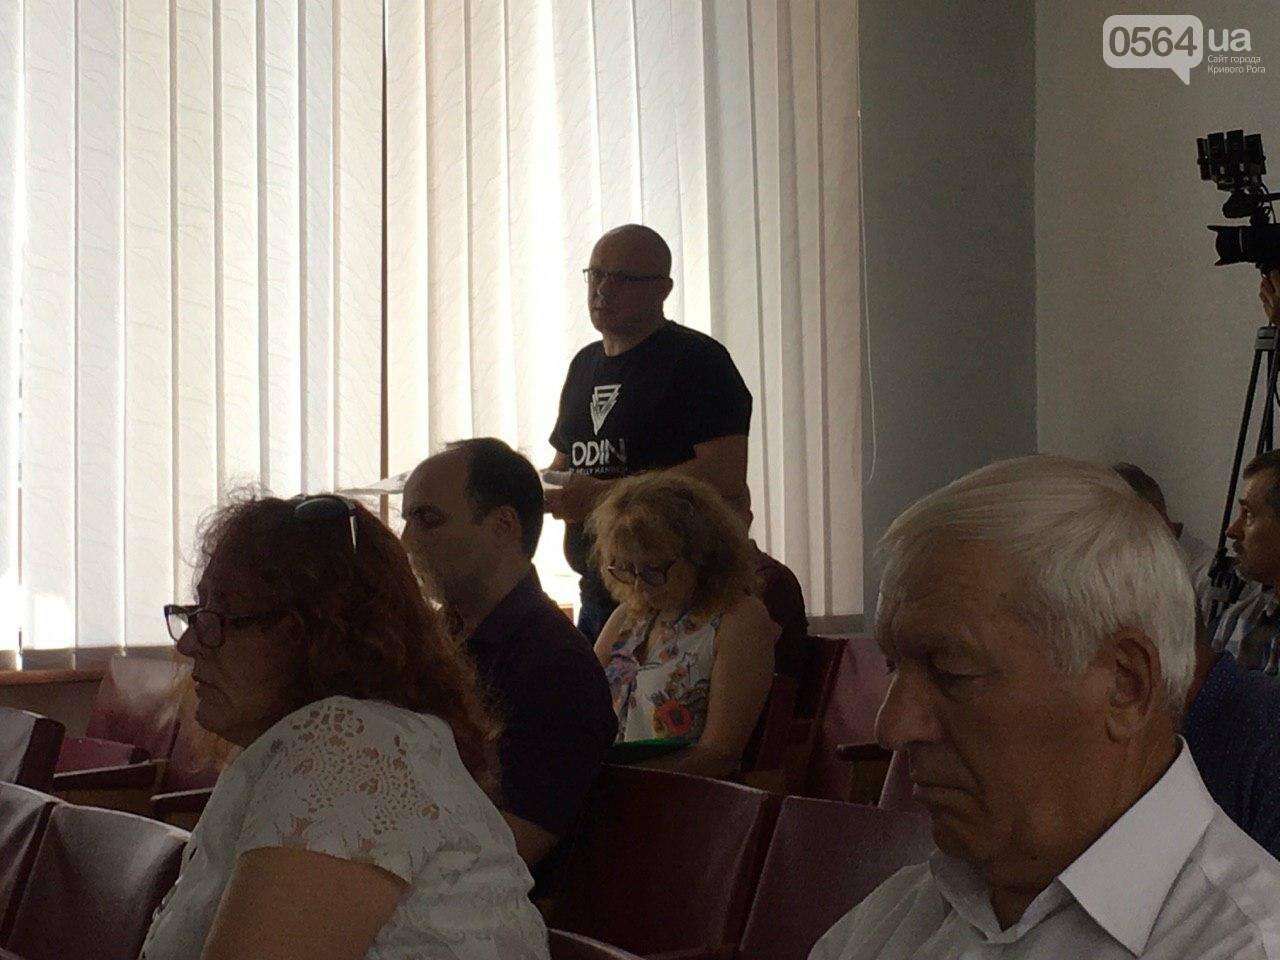 Криворожское КП пытается подготовится к отопительному сезону, несмотря на долг в полмиллиарда, - ФОТО , фото-14